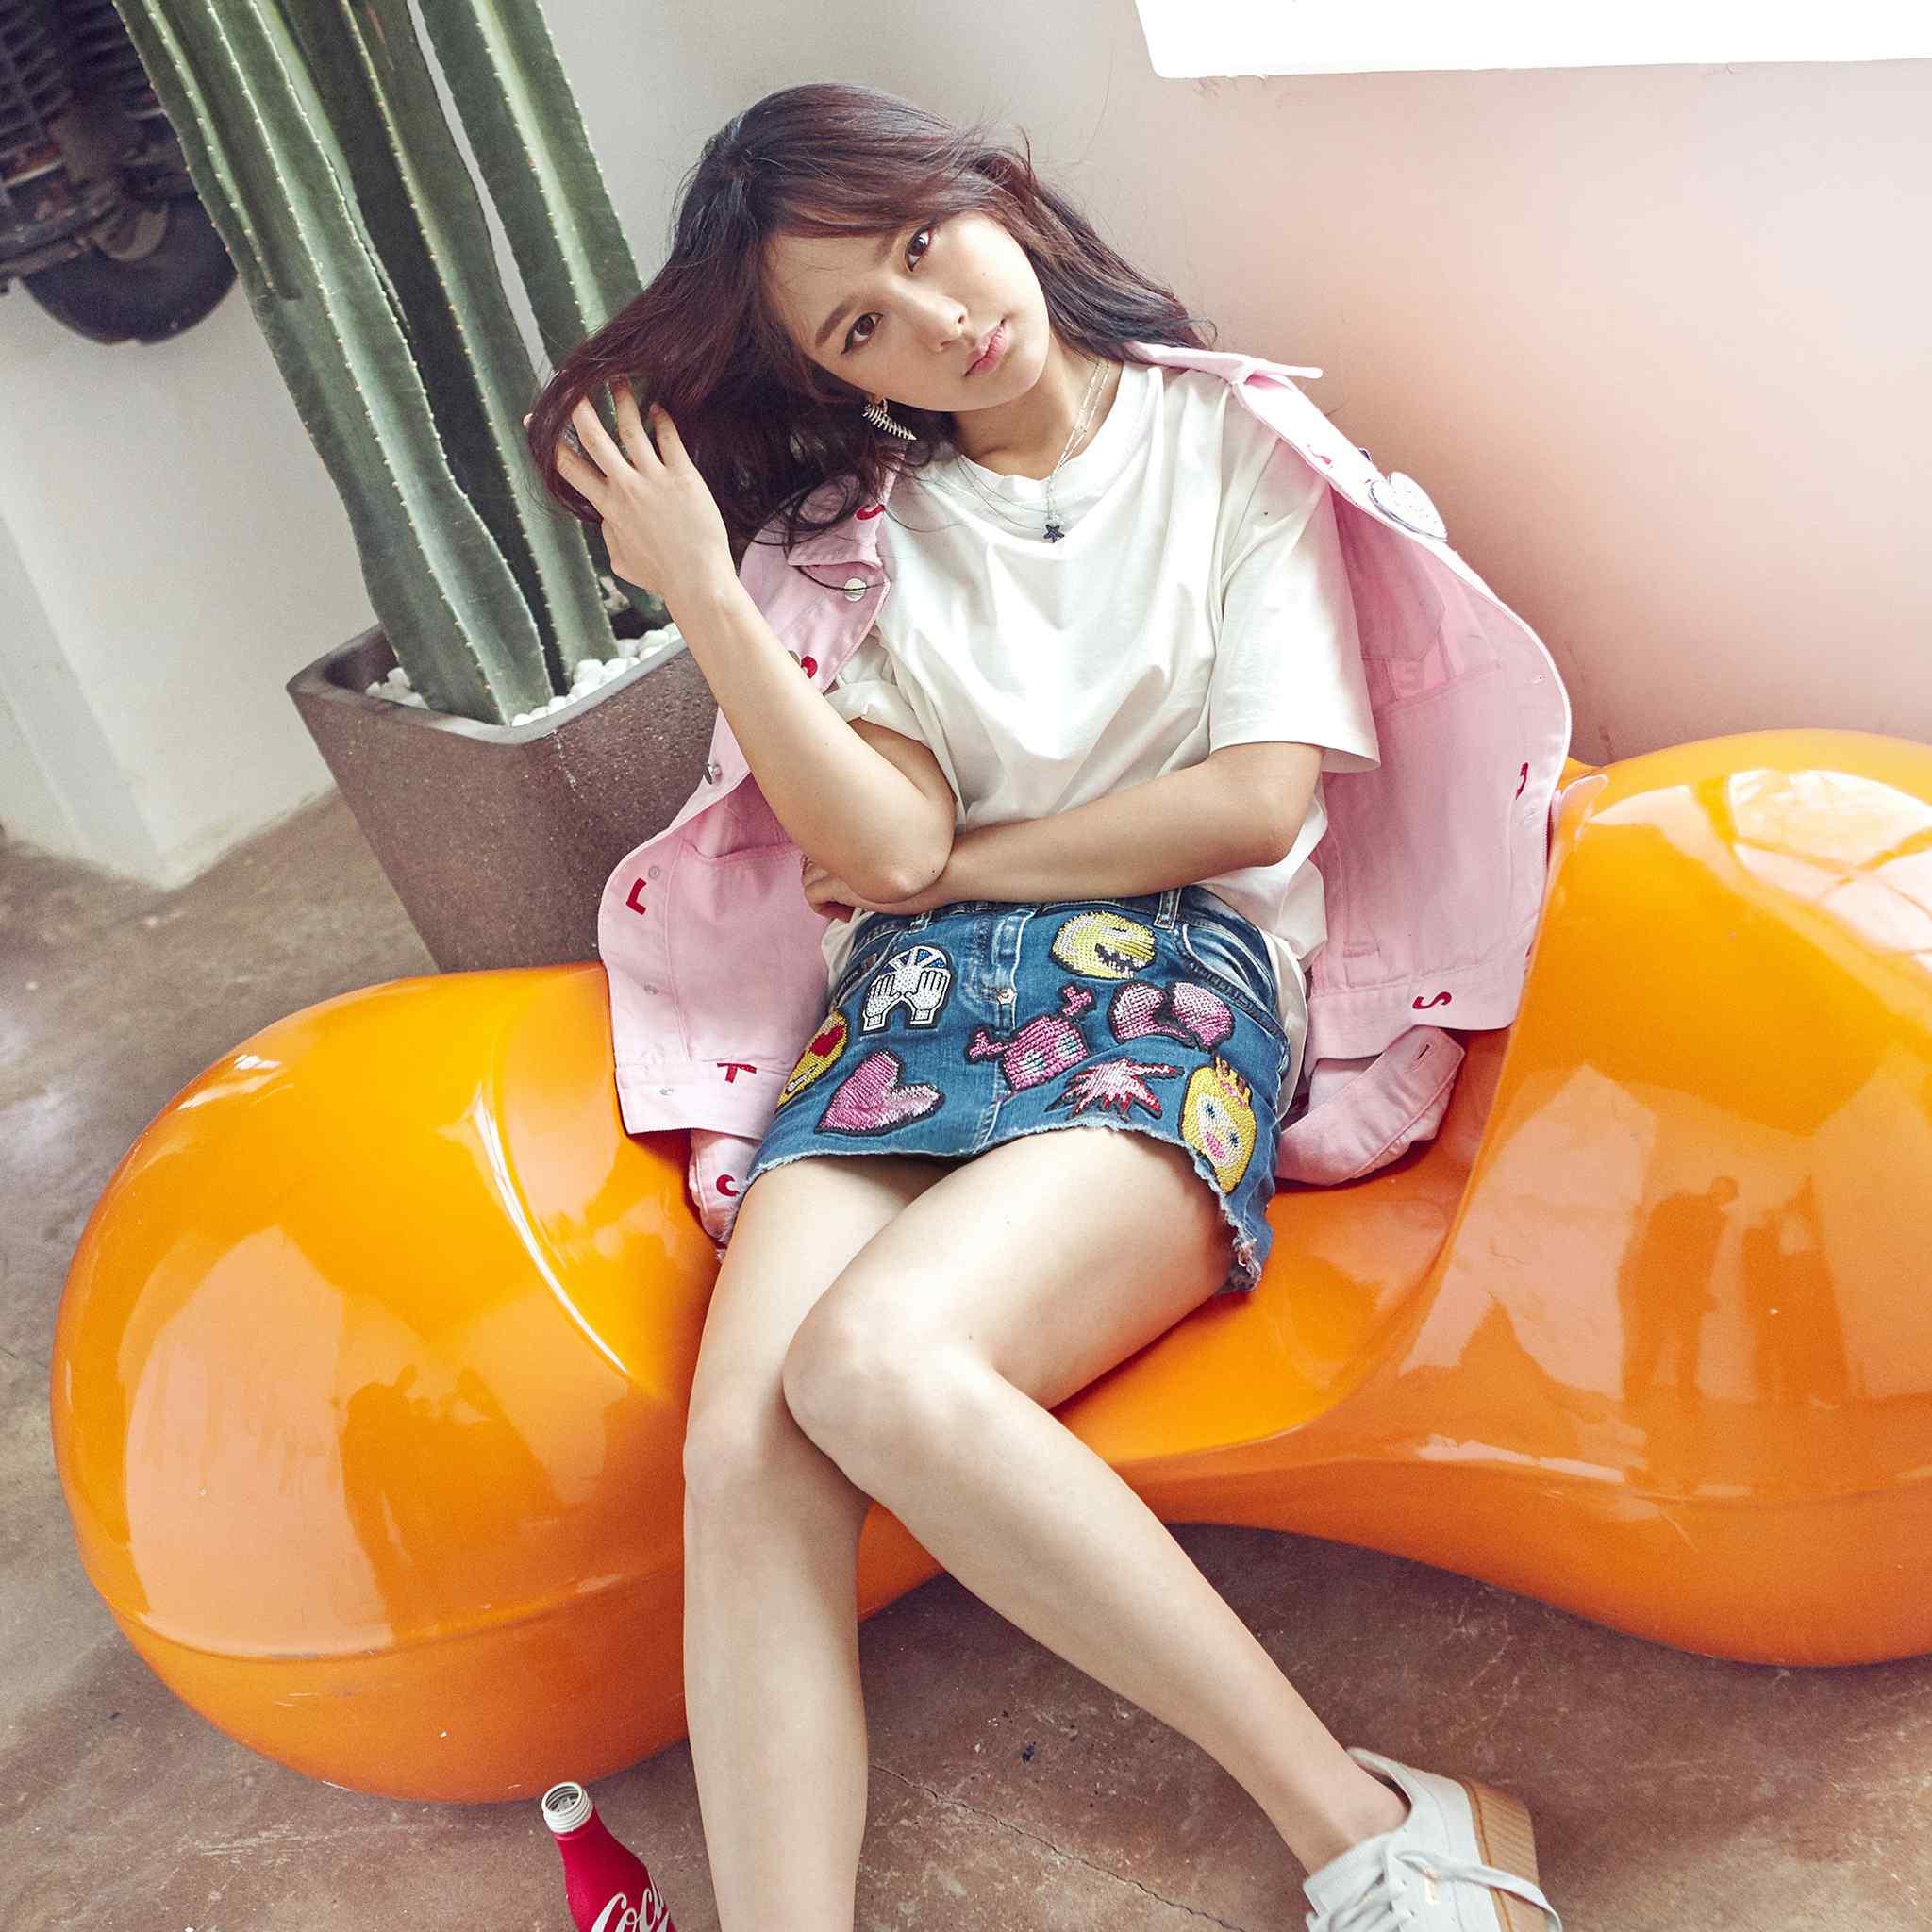 清纯女星杨紫时尚写真高清壁纸